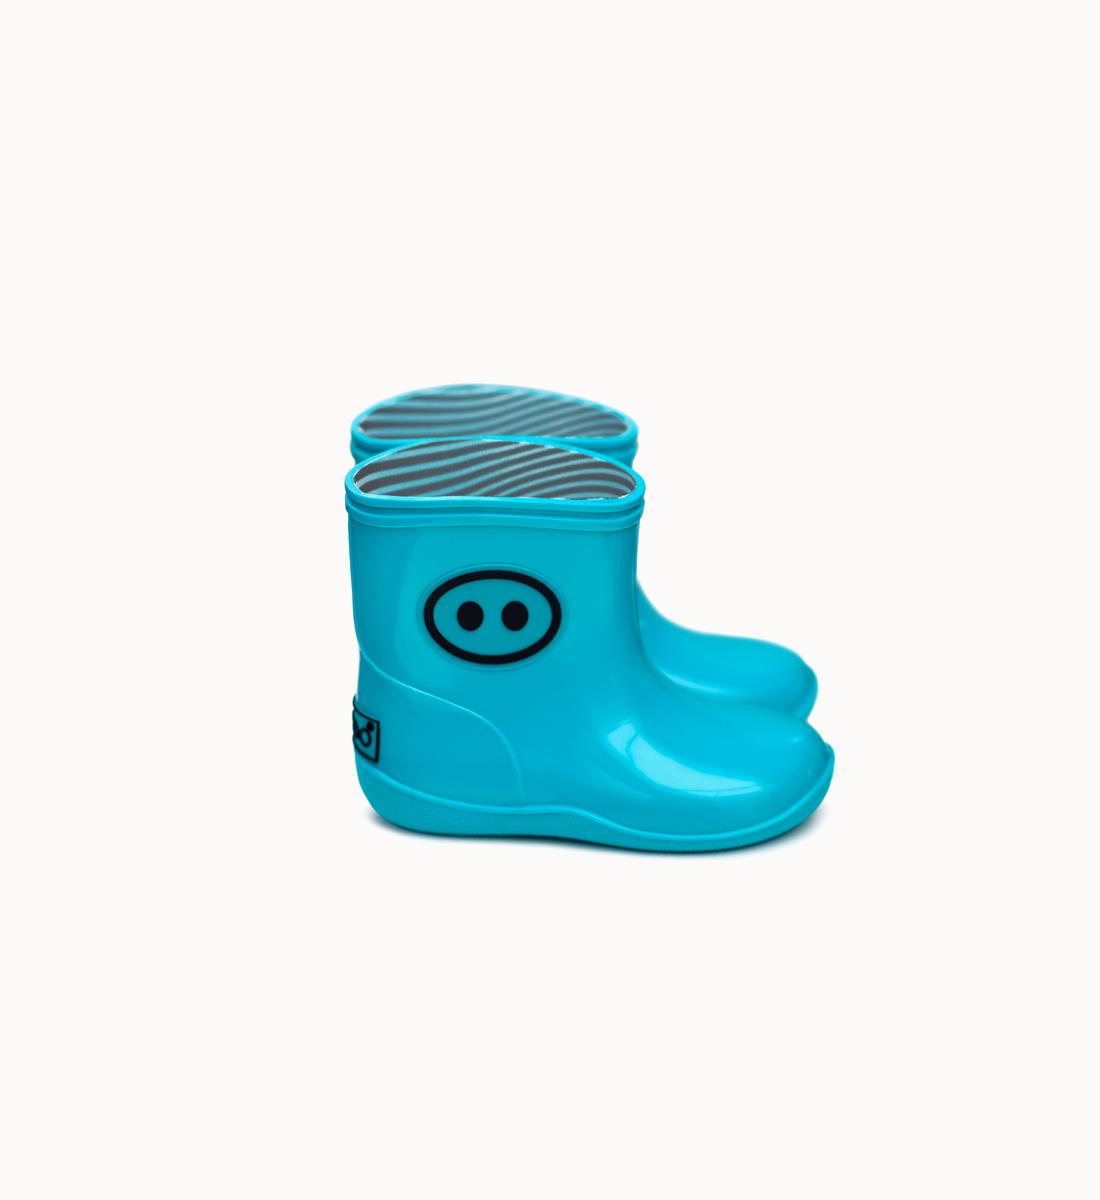 BOXBO 法國時尚雨靴 / 寶寶時尚雨靴-清澈藍